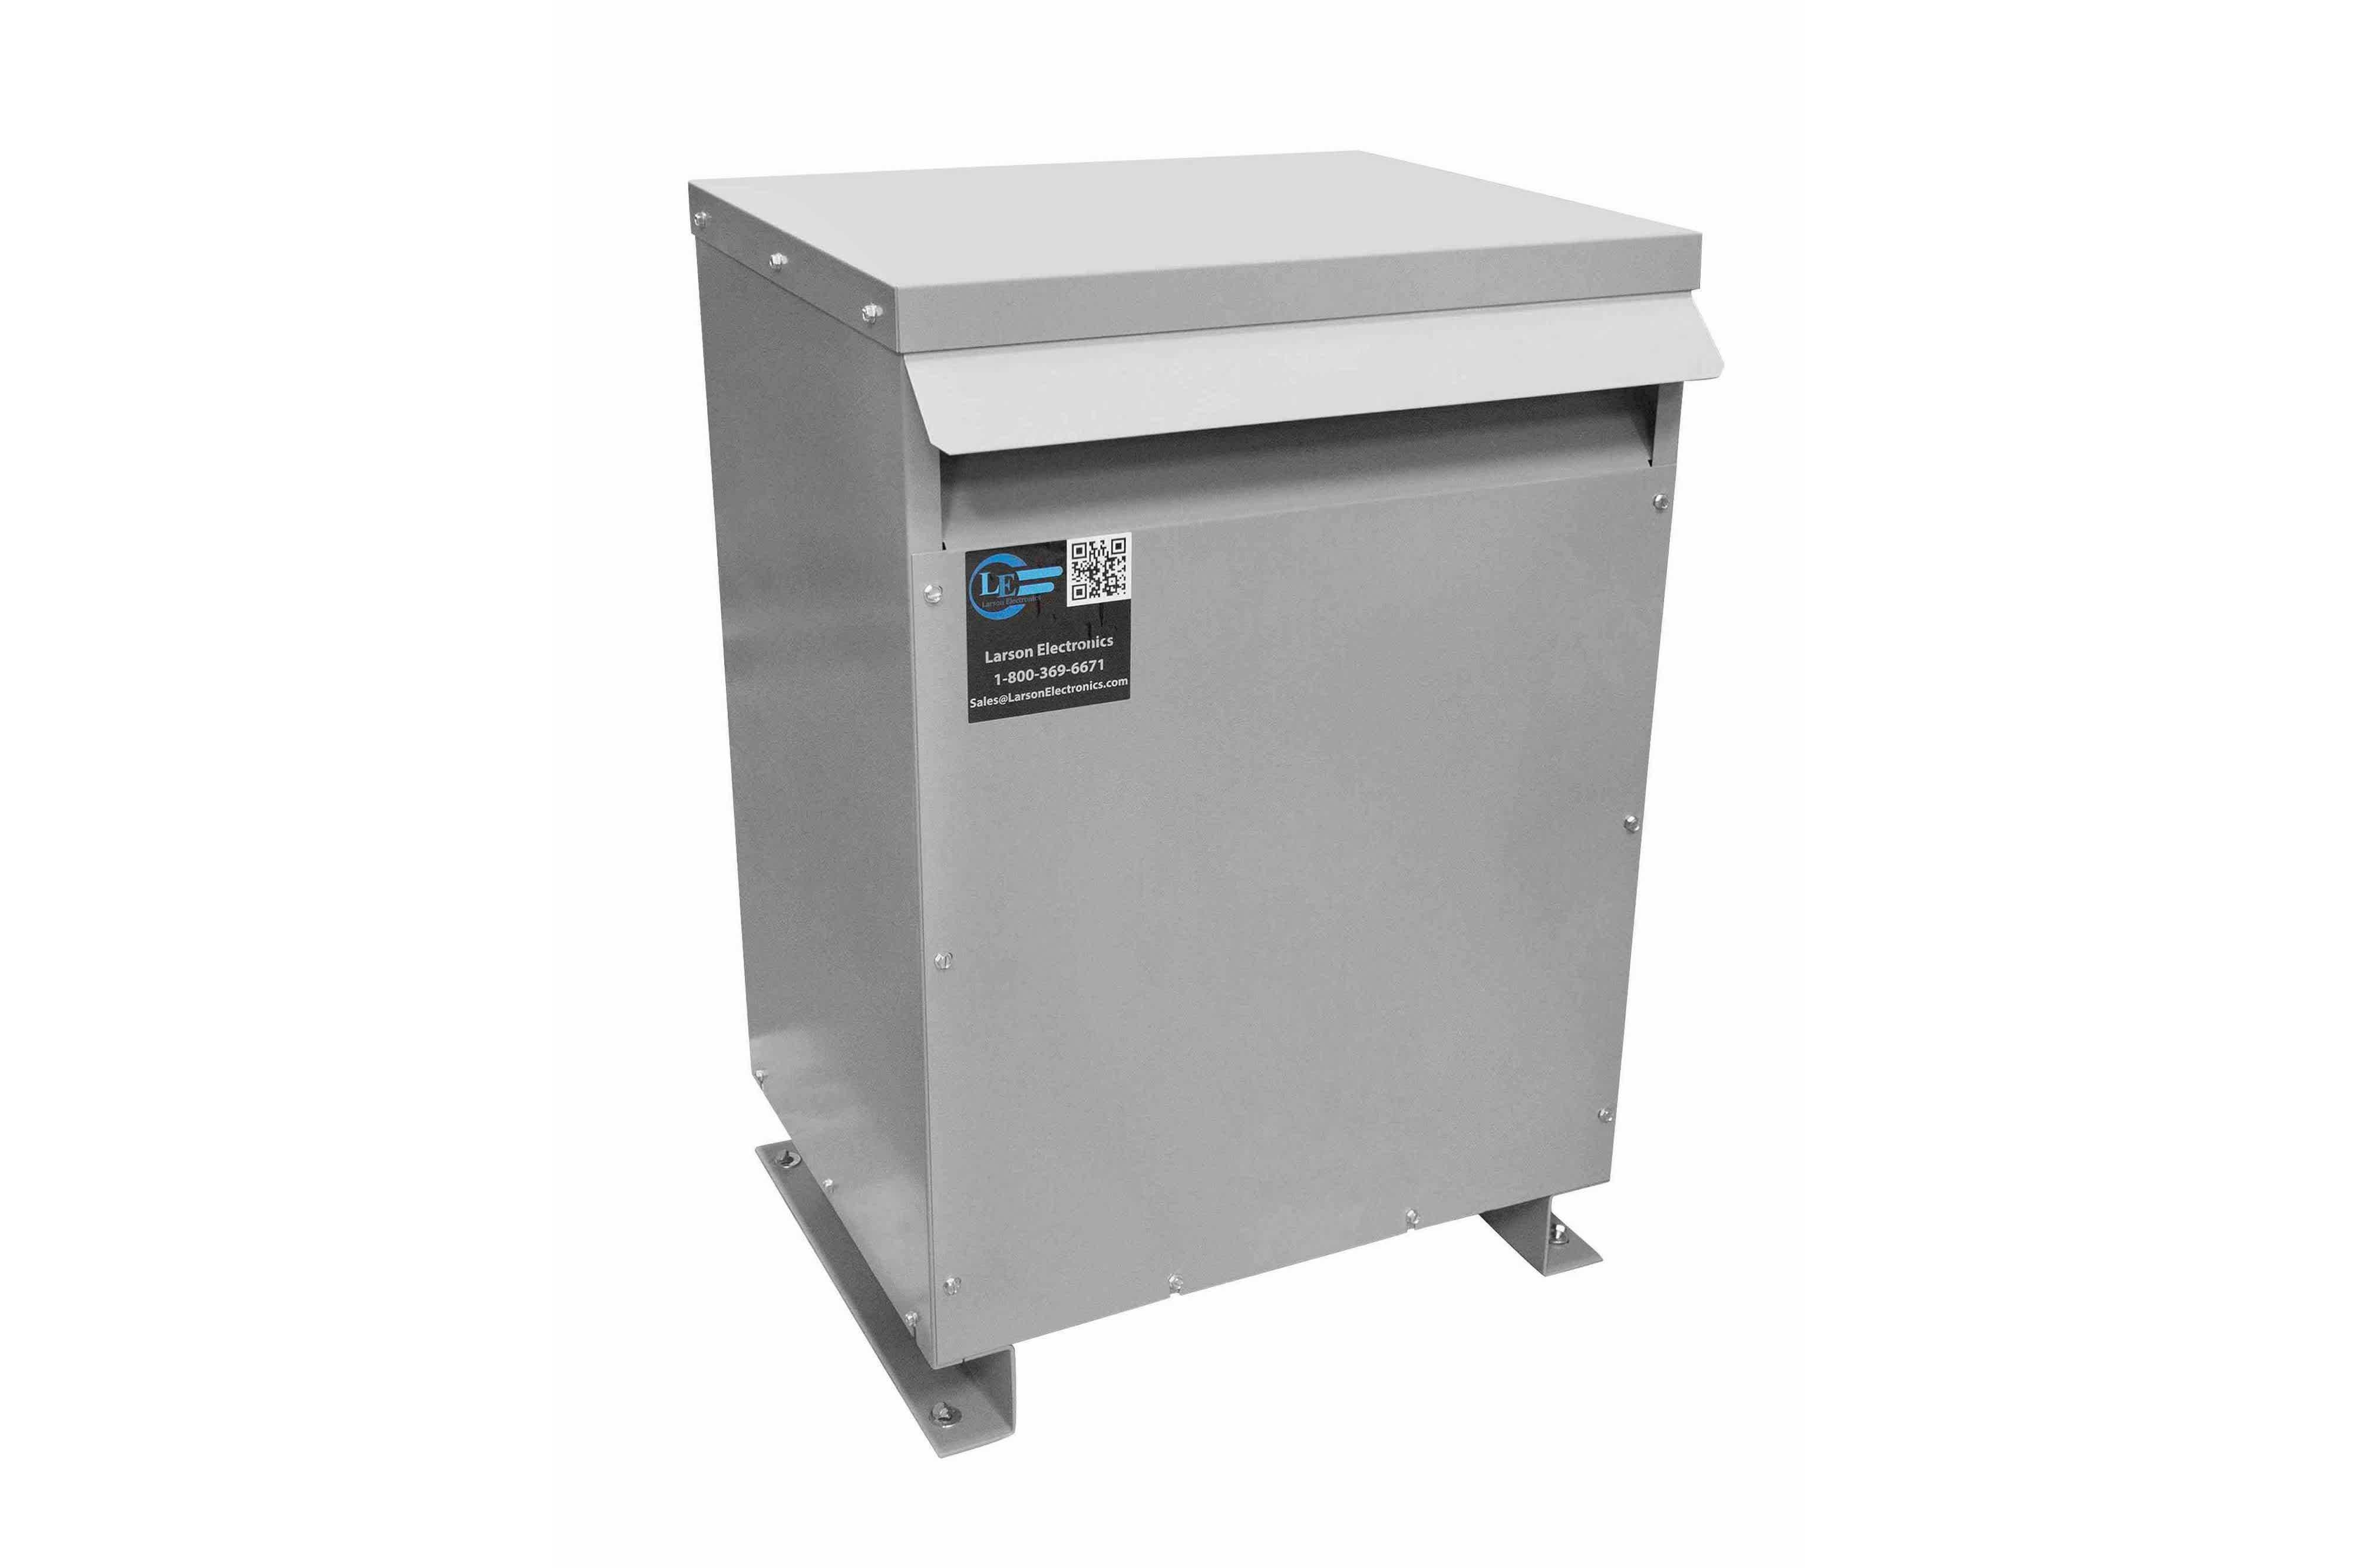 60 kVA 3PH Isolation Transformer, 460V Delta Primary, 208V Delta Secondary, N3R, Ventilated, 60 Hz